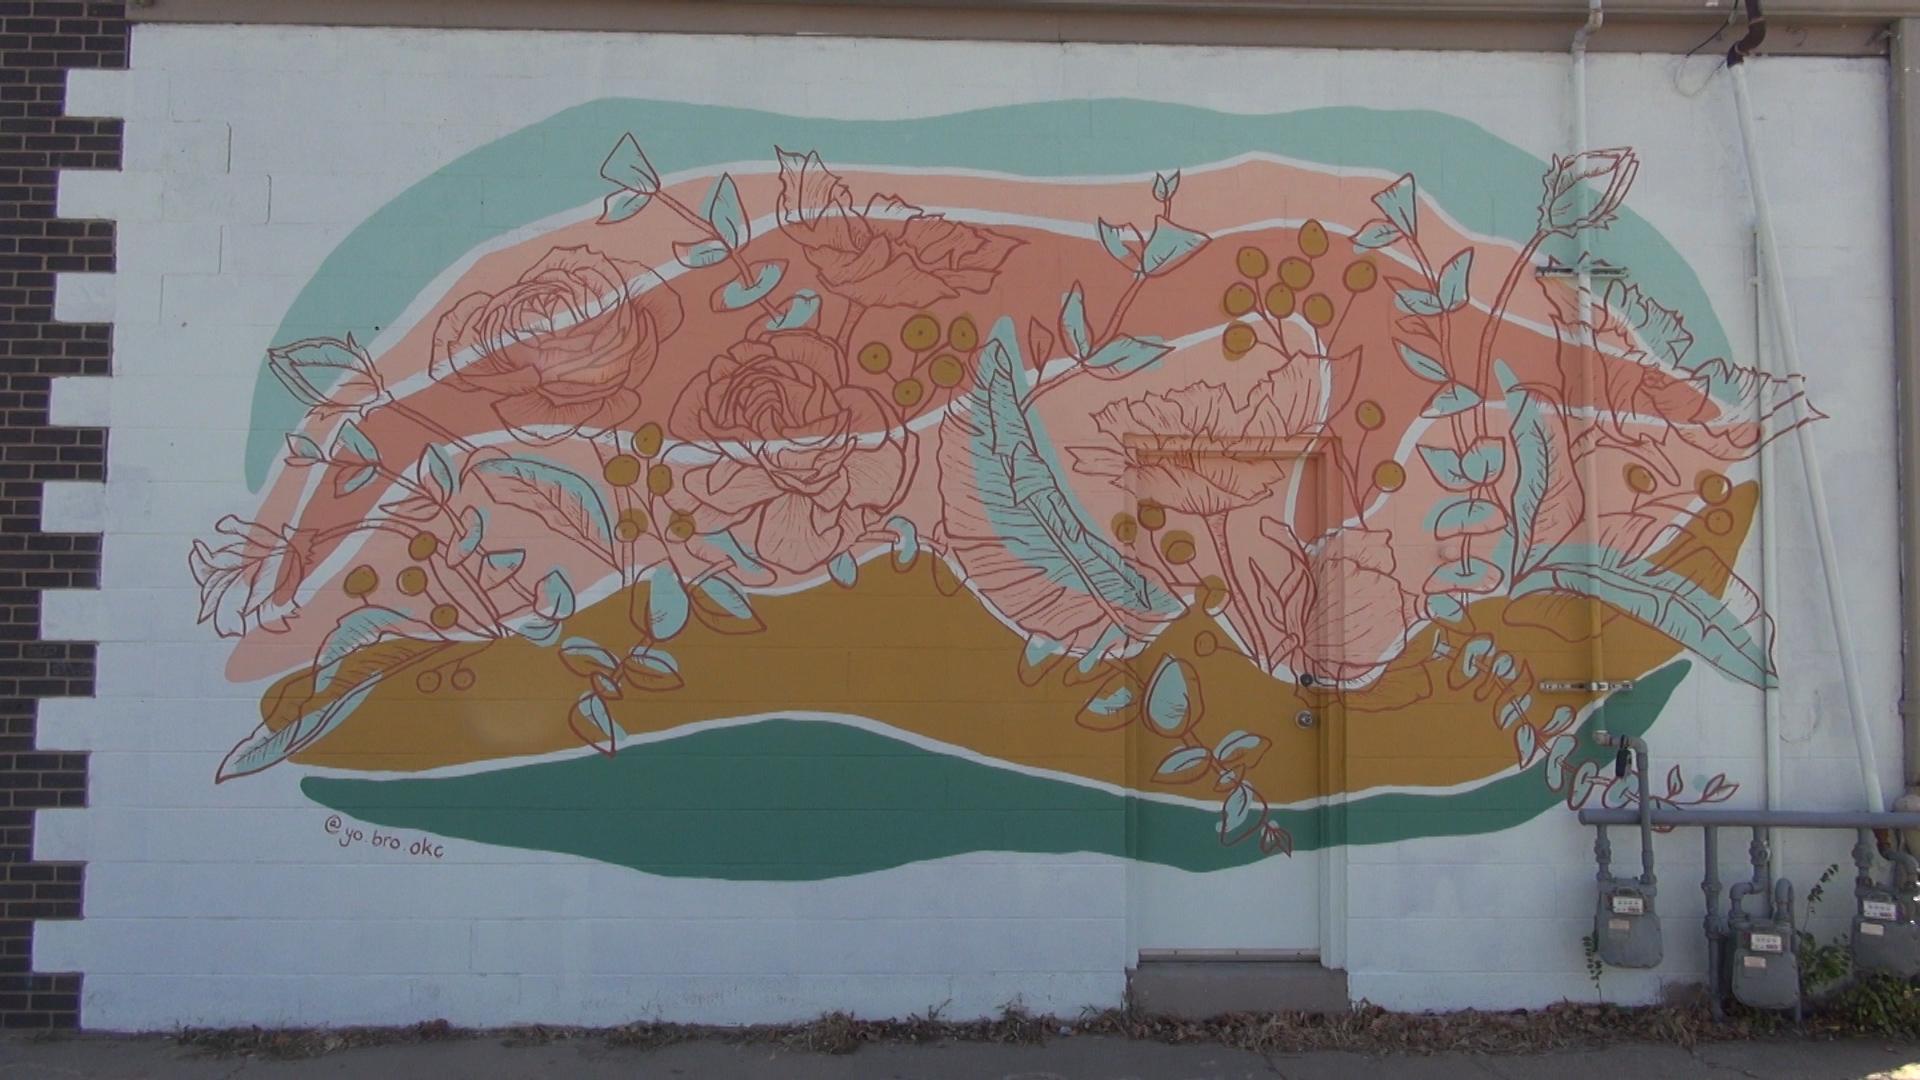 yo, bro mural in Edmond